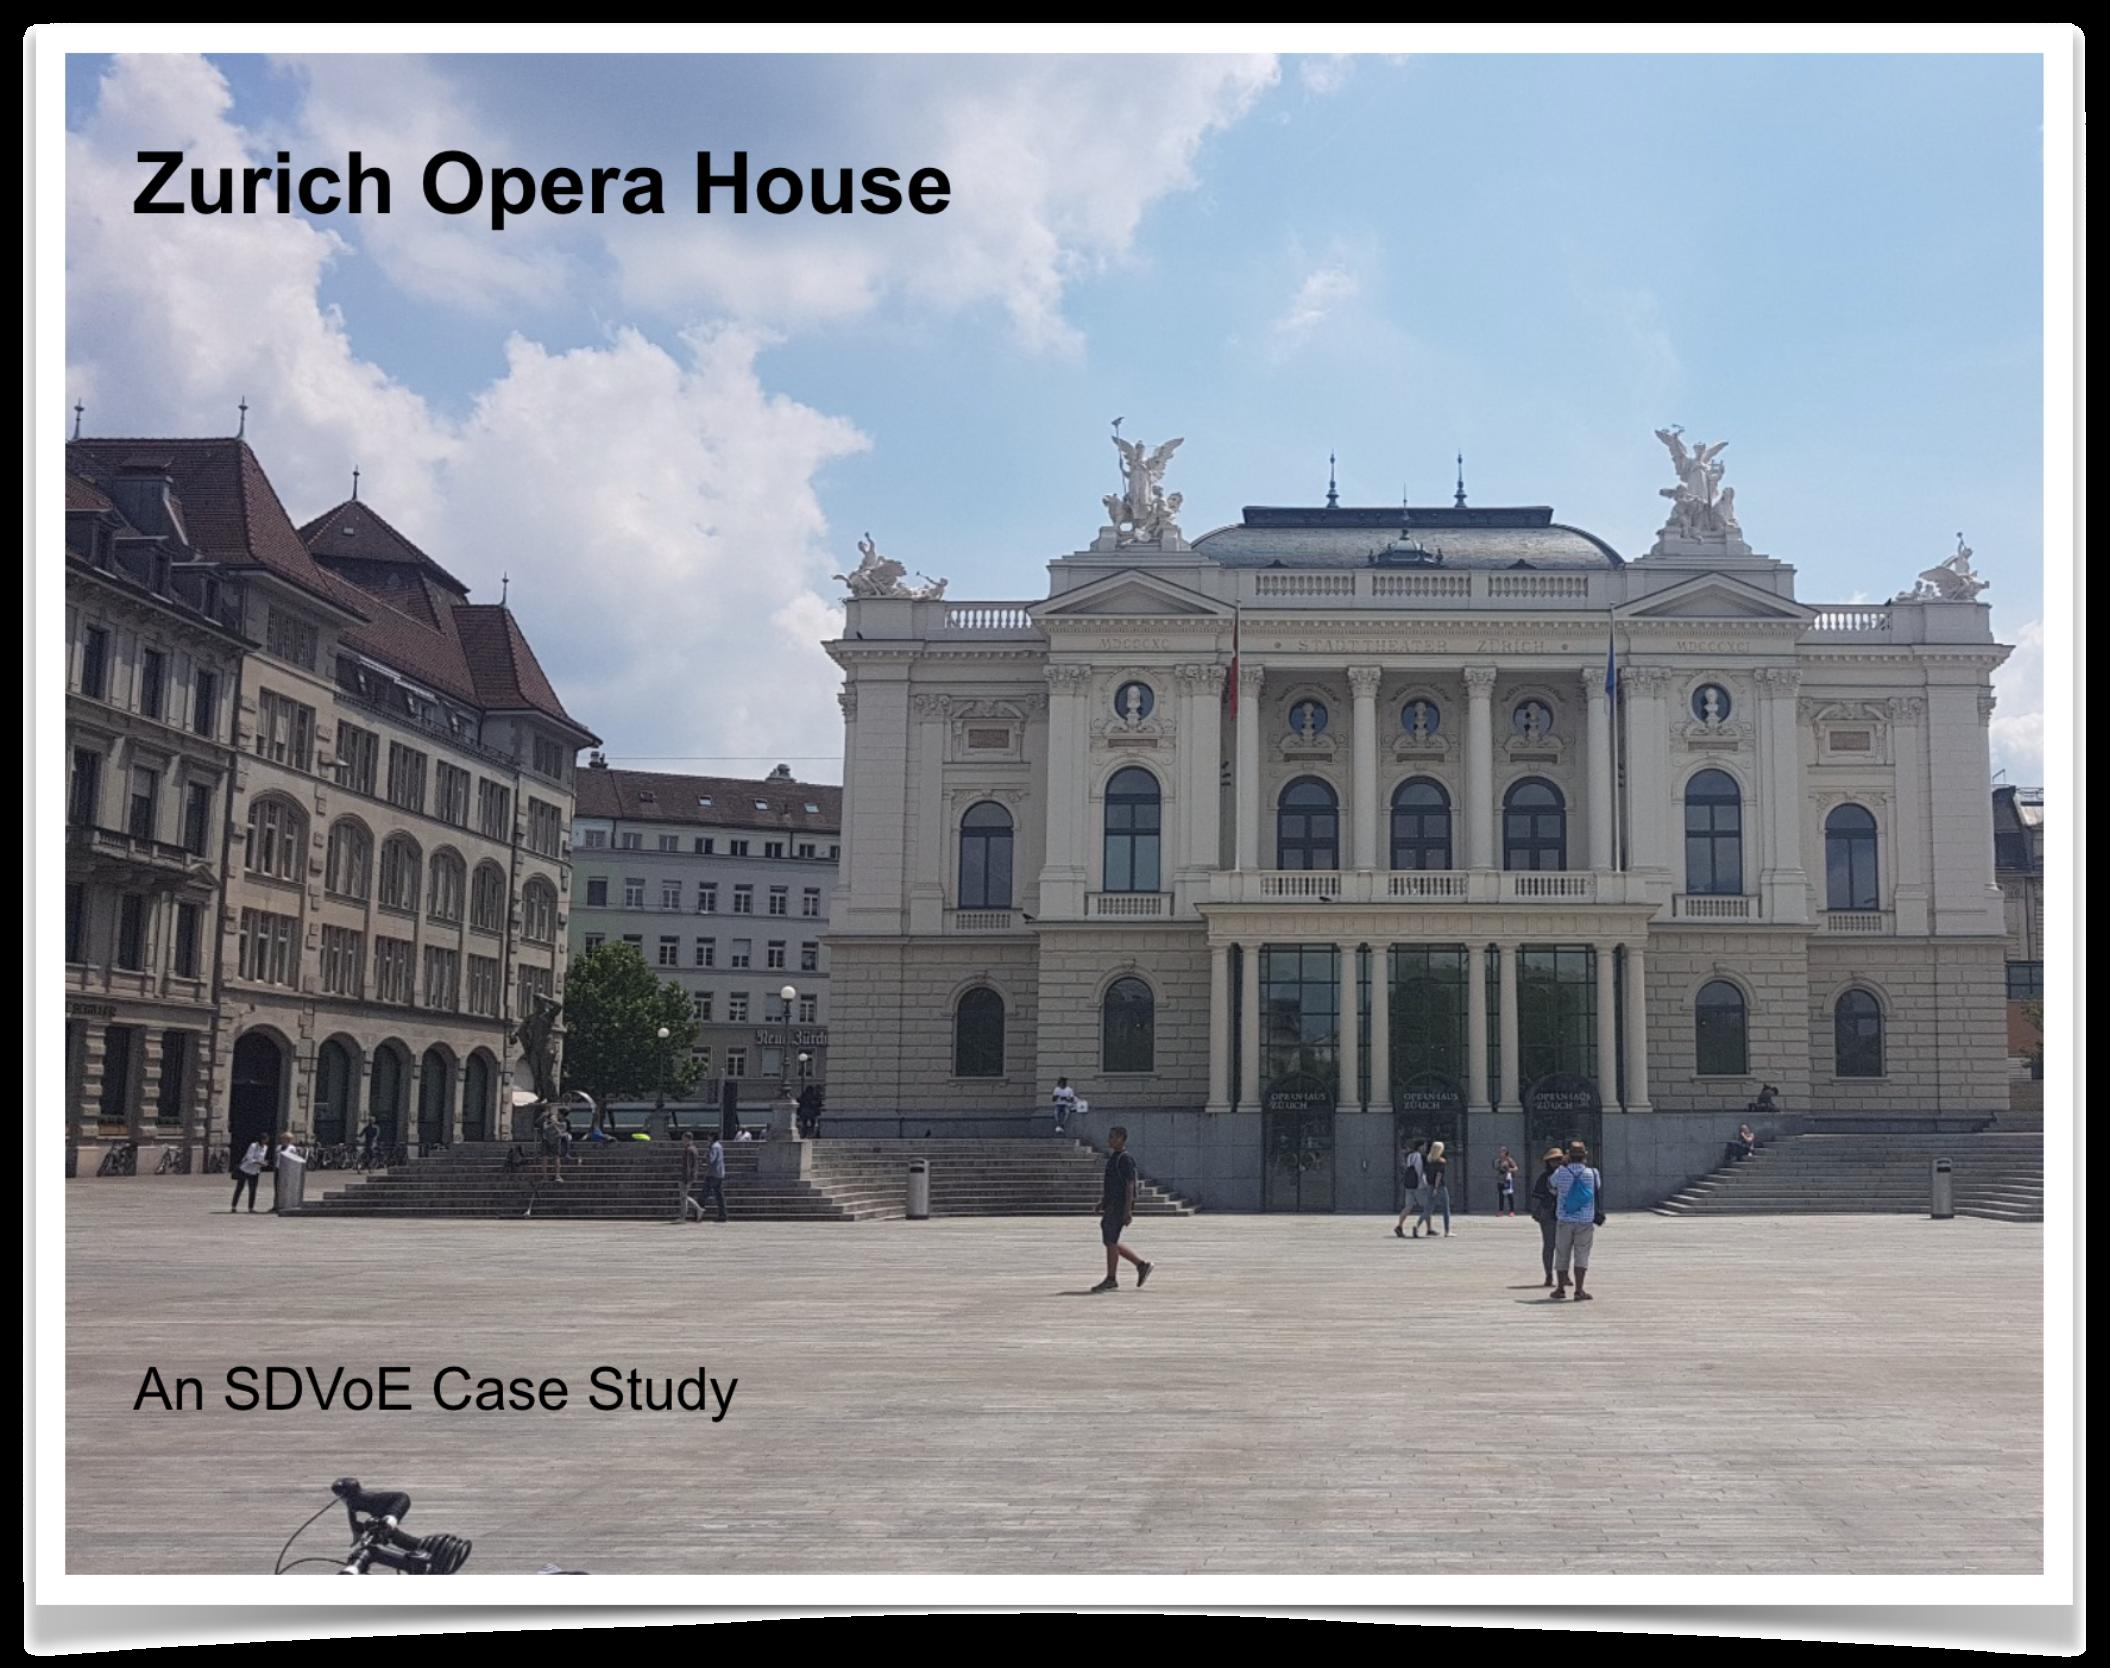 Case Study - Zurich Opera House